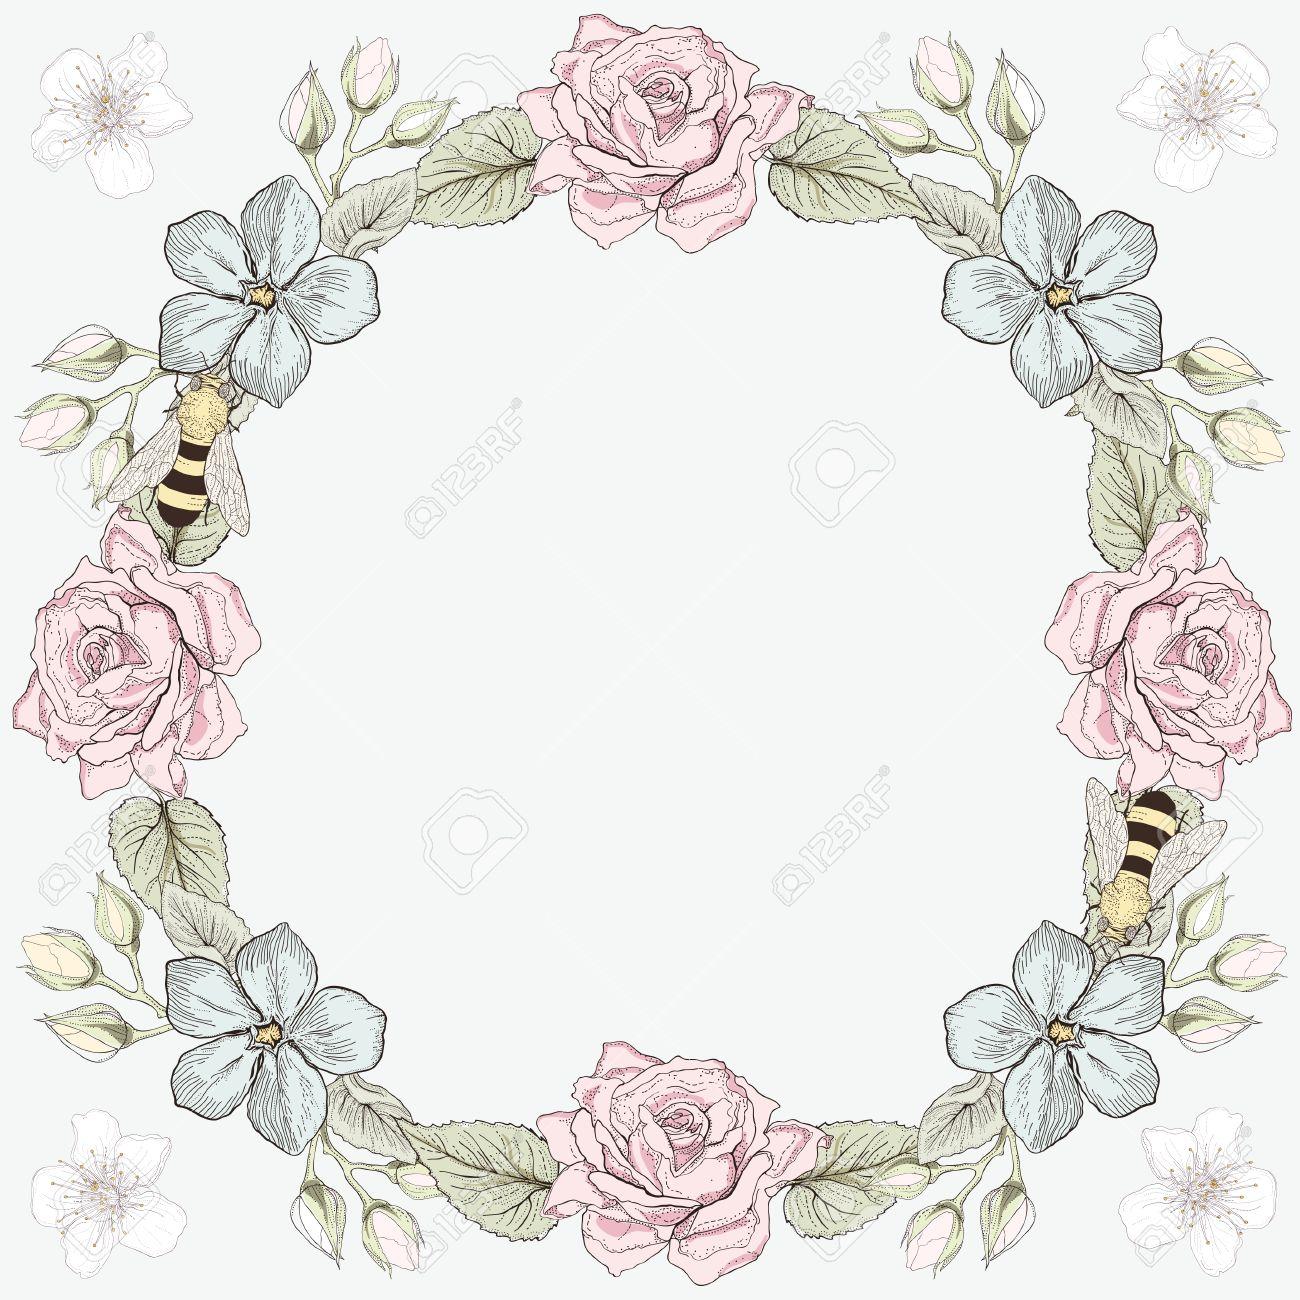 Dibujado A Mano La Tarjeta Del Marco Floral. Ilustración Colorida ...